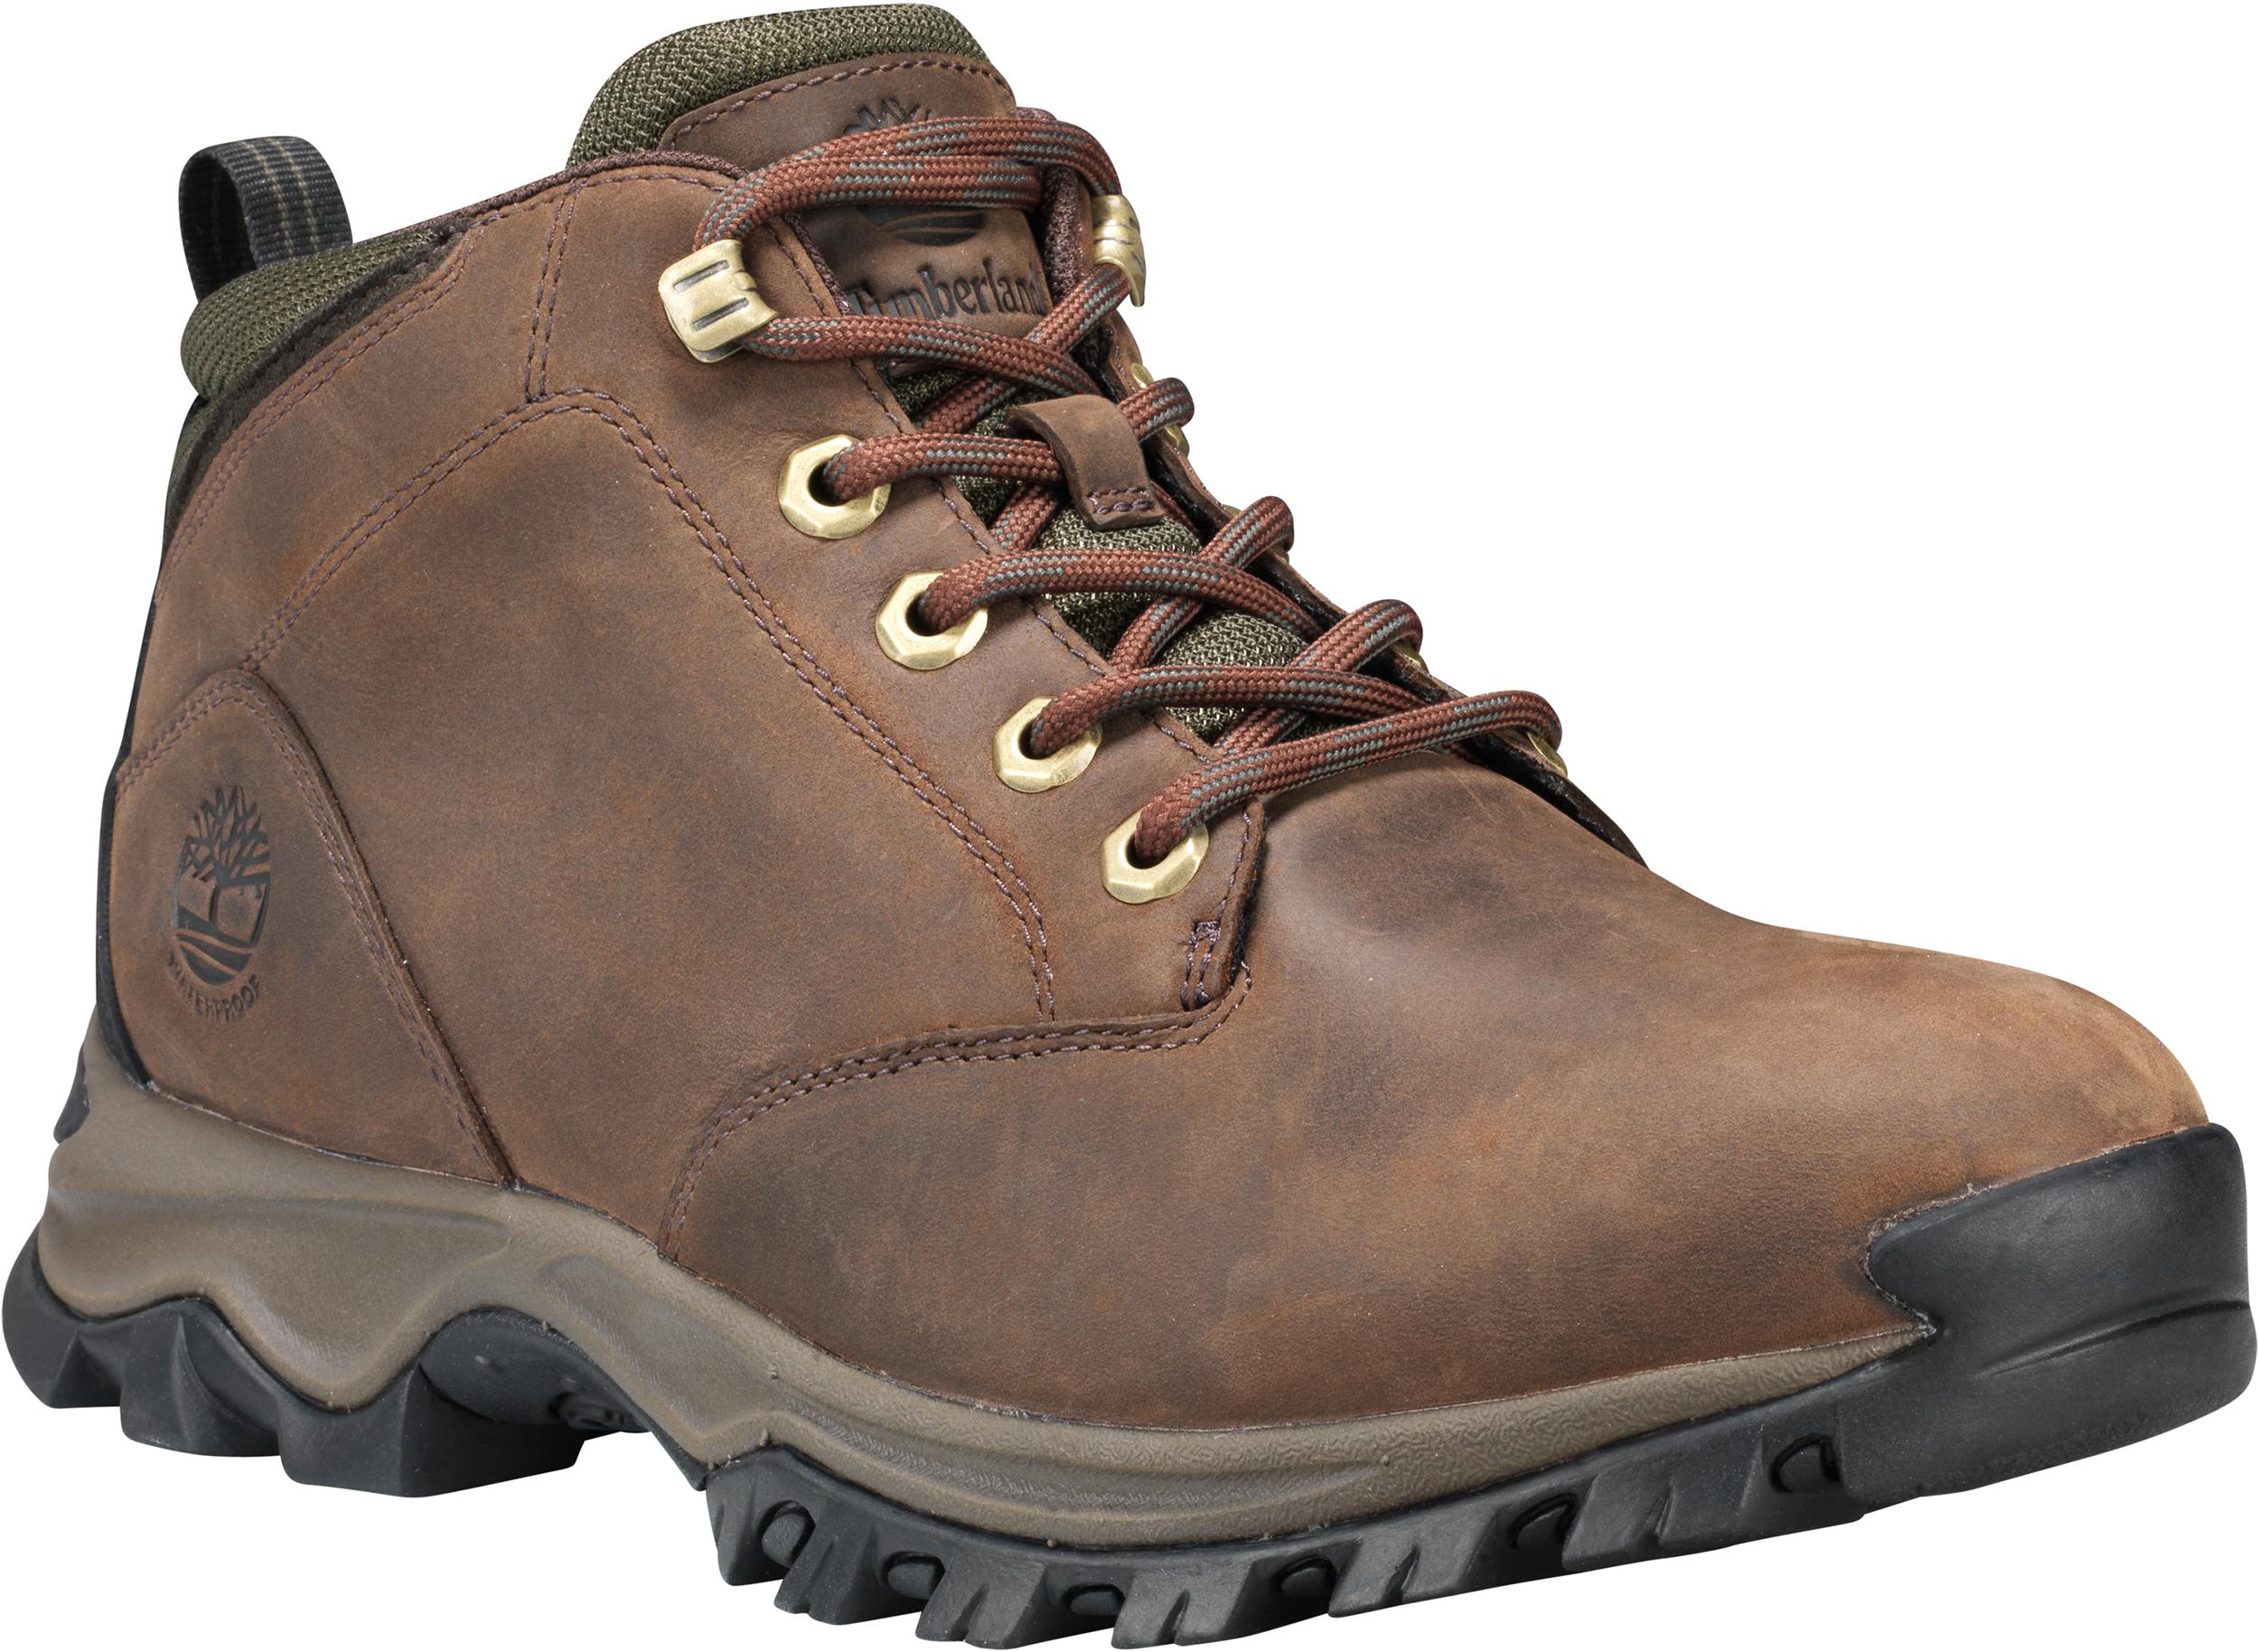 Men's casual boots   MEC